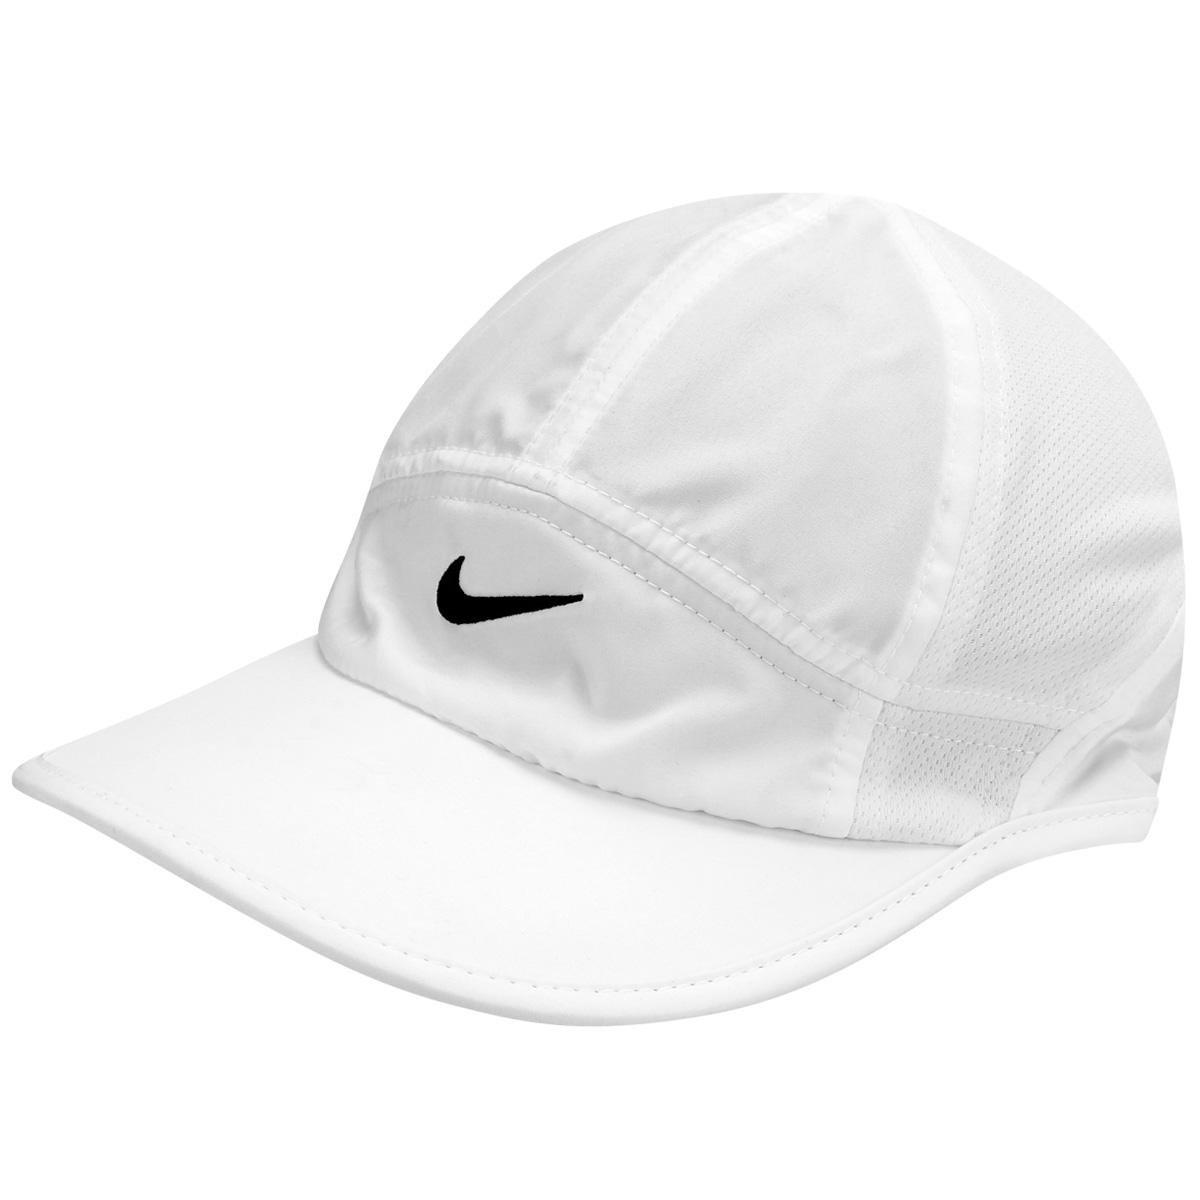 c724973971ef3 Boné Nike Featherlight 2.0 - Compre Agora